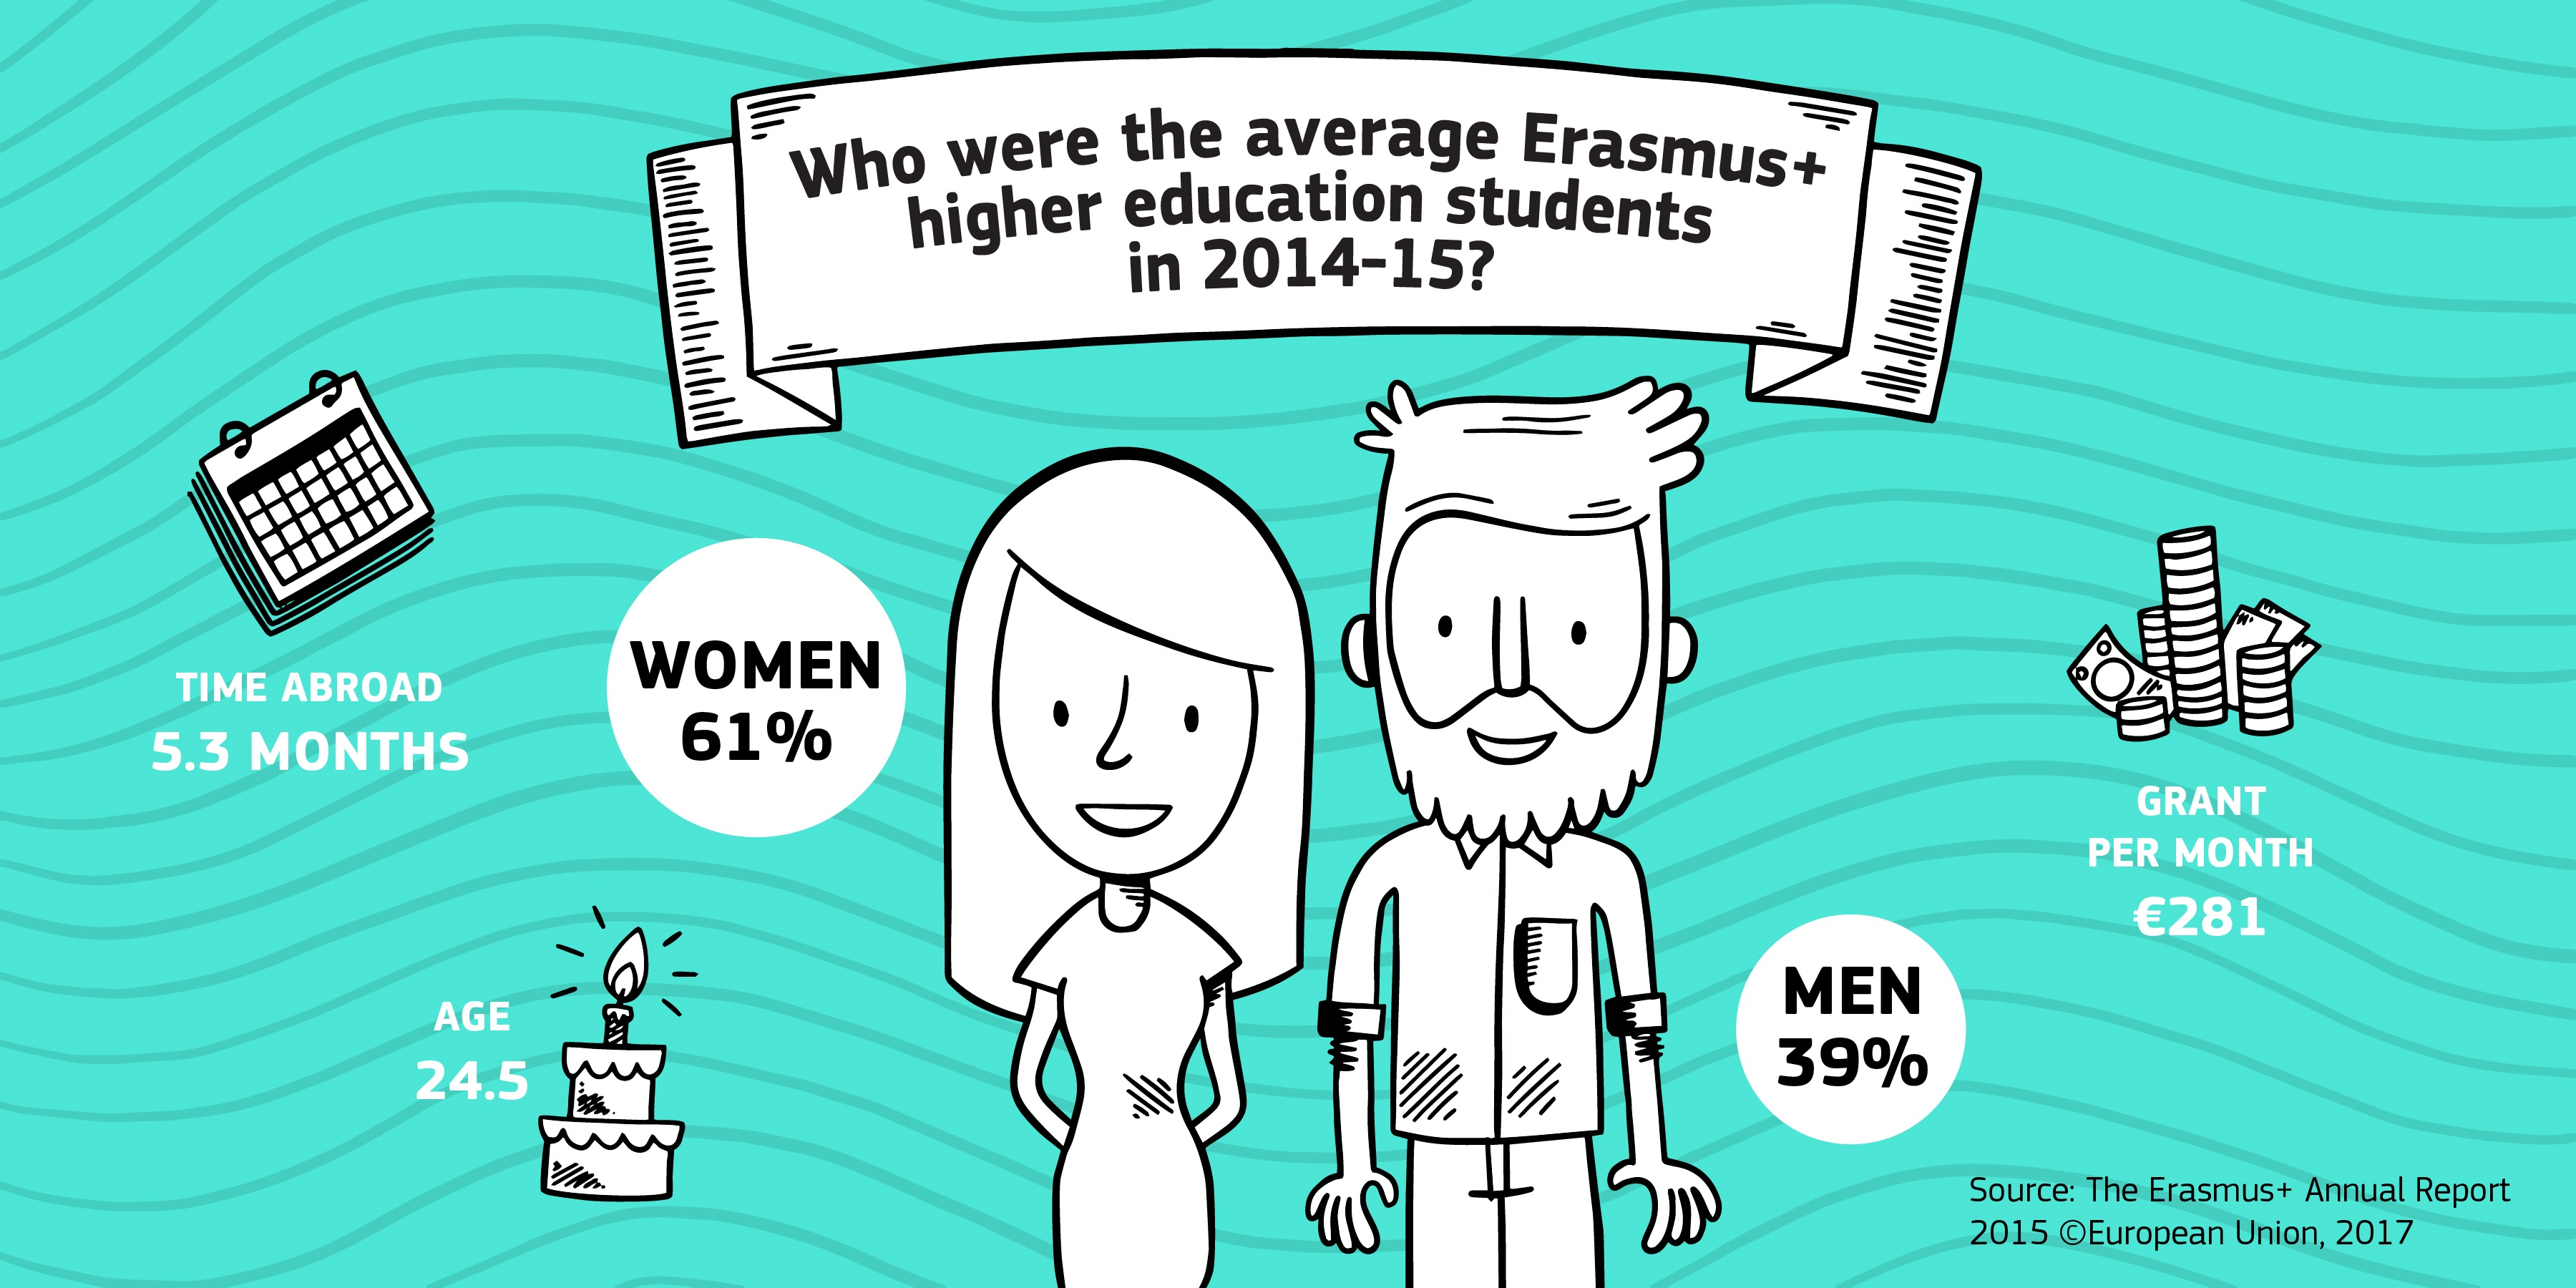 Illustration, erasmus en chiffres. Les étudiants partis en échange erasmus en 2014-2015 étaient en moyenne 61% de femmes et 39% d'hommes, avaient 24.5 ans, et ont passé 5.3 mois à l'étranger.